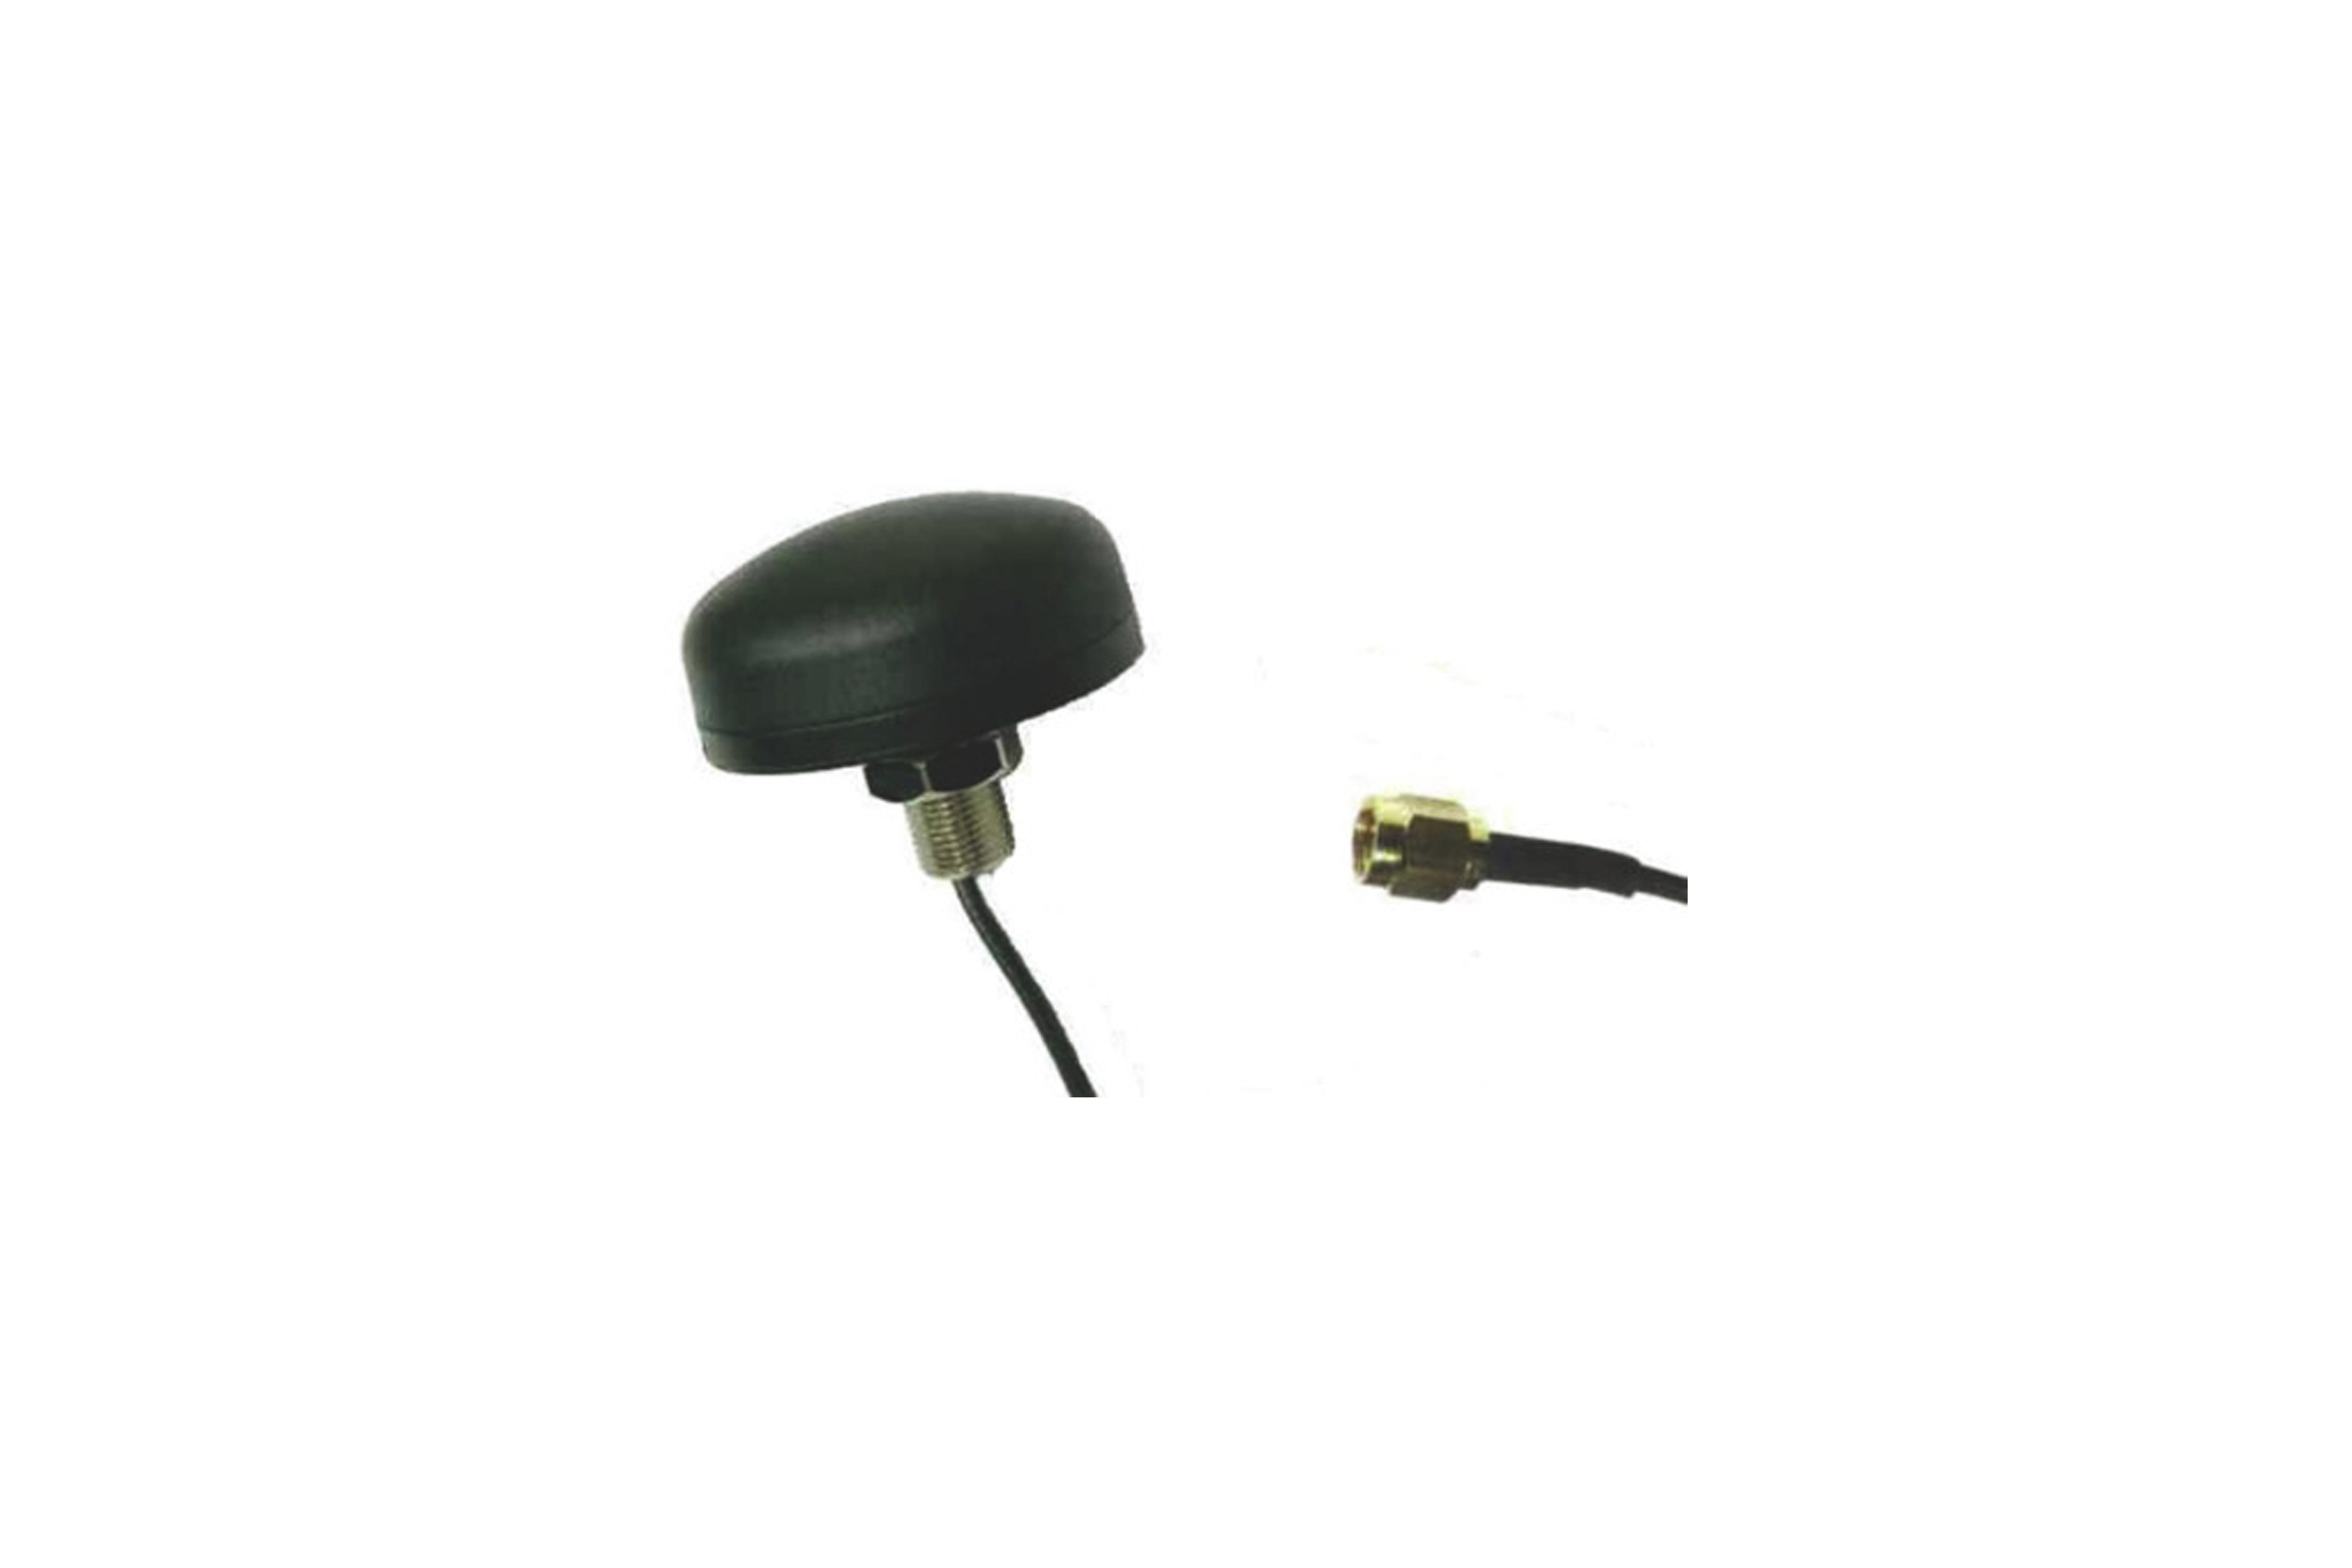 PUK-antenne 433/868 MHz M14 schroef SMA (M)